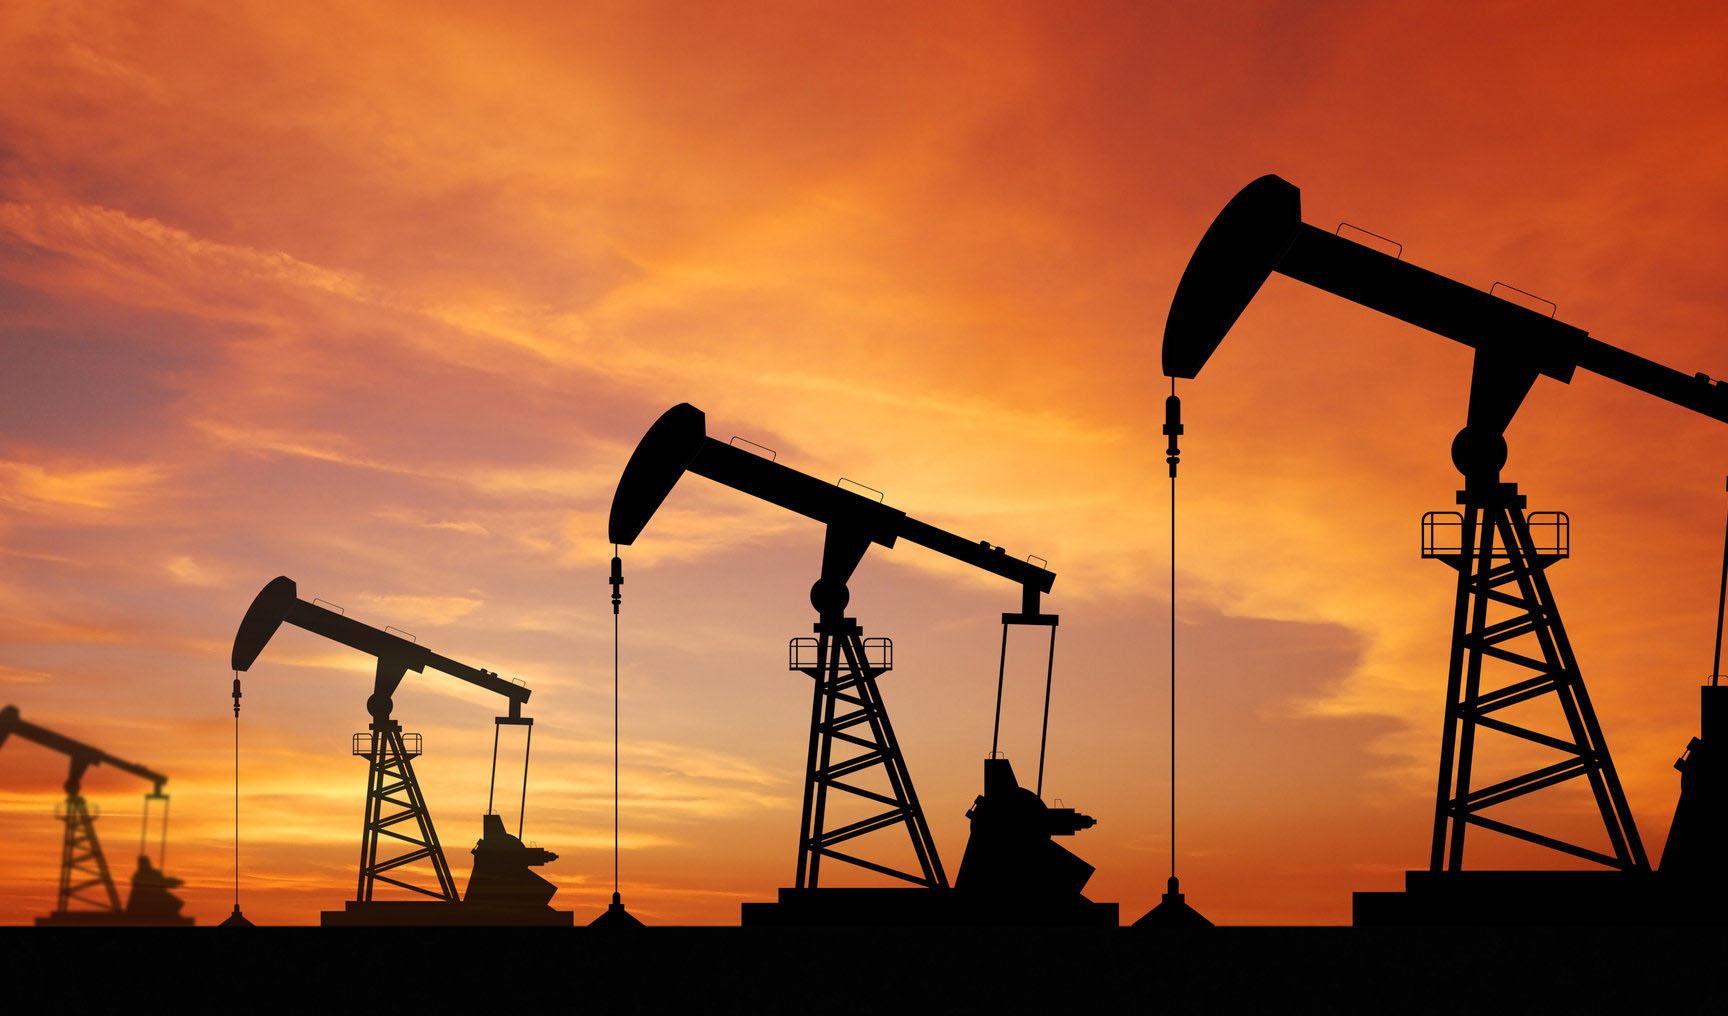 معافیت ۸ کشور از تحریمهای نفتی آمریکا تاثیری بر قیمتها ندارد